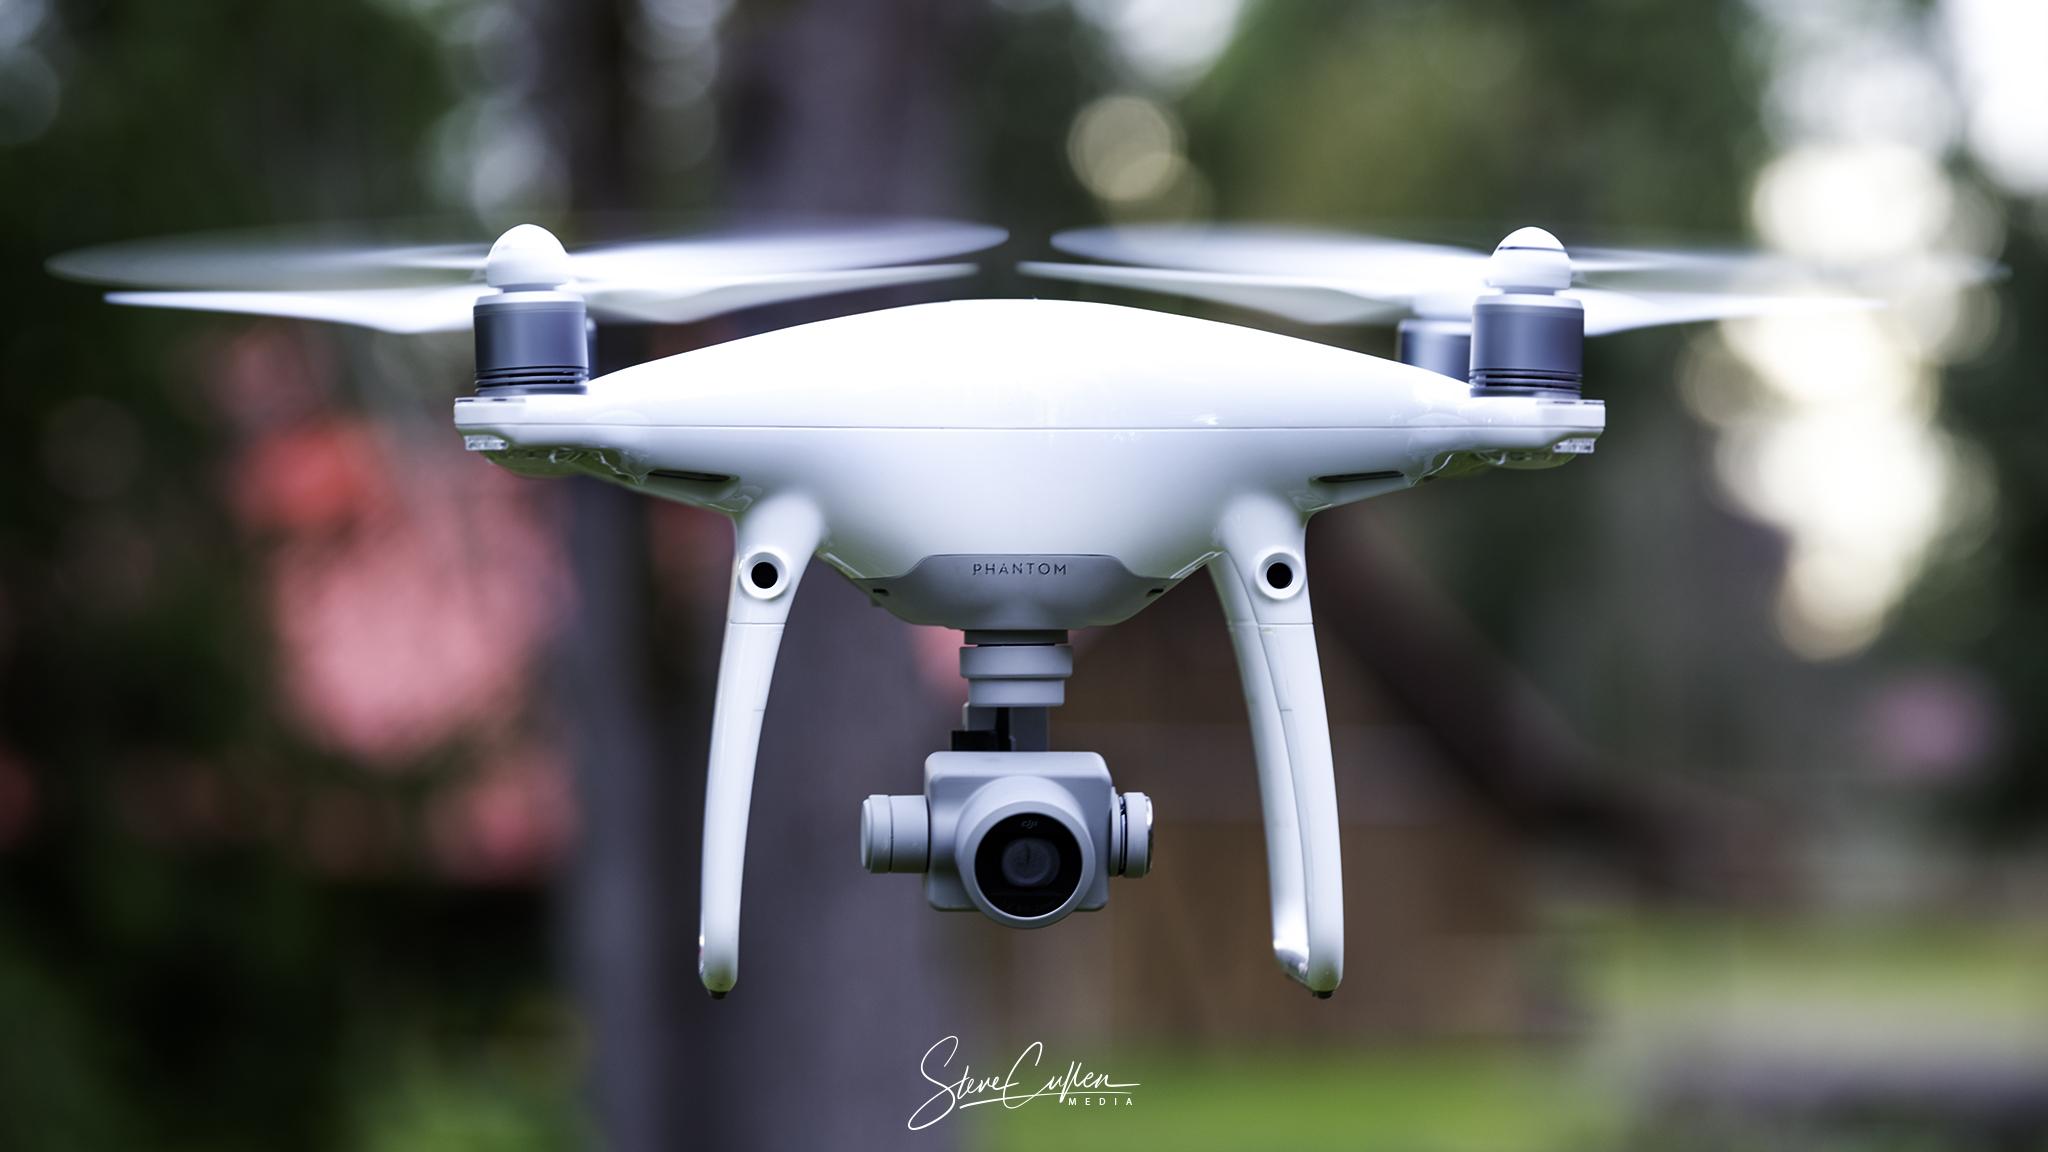 In Flight (Phantom 4 Pro)